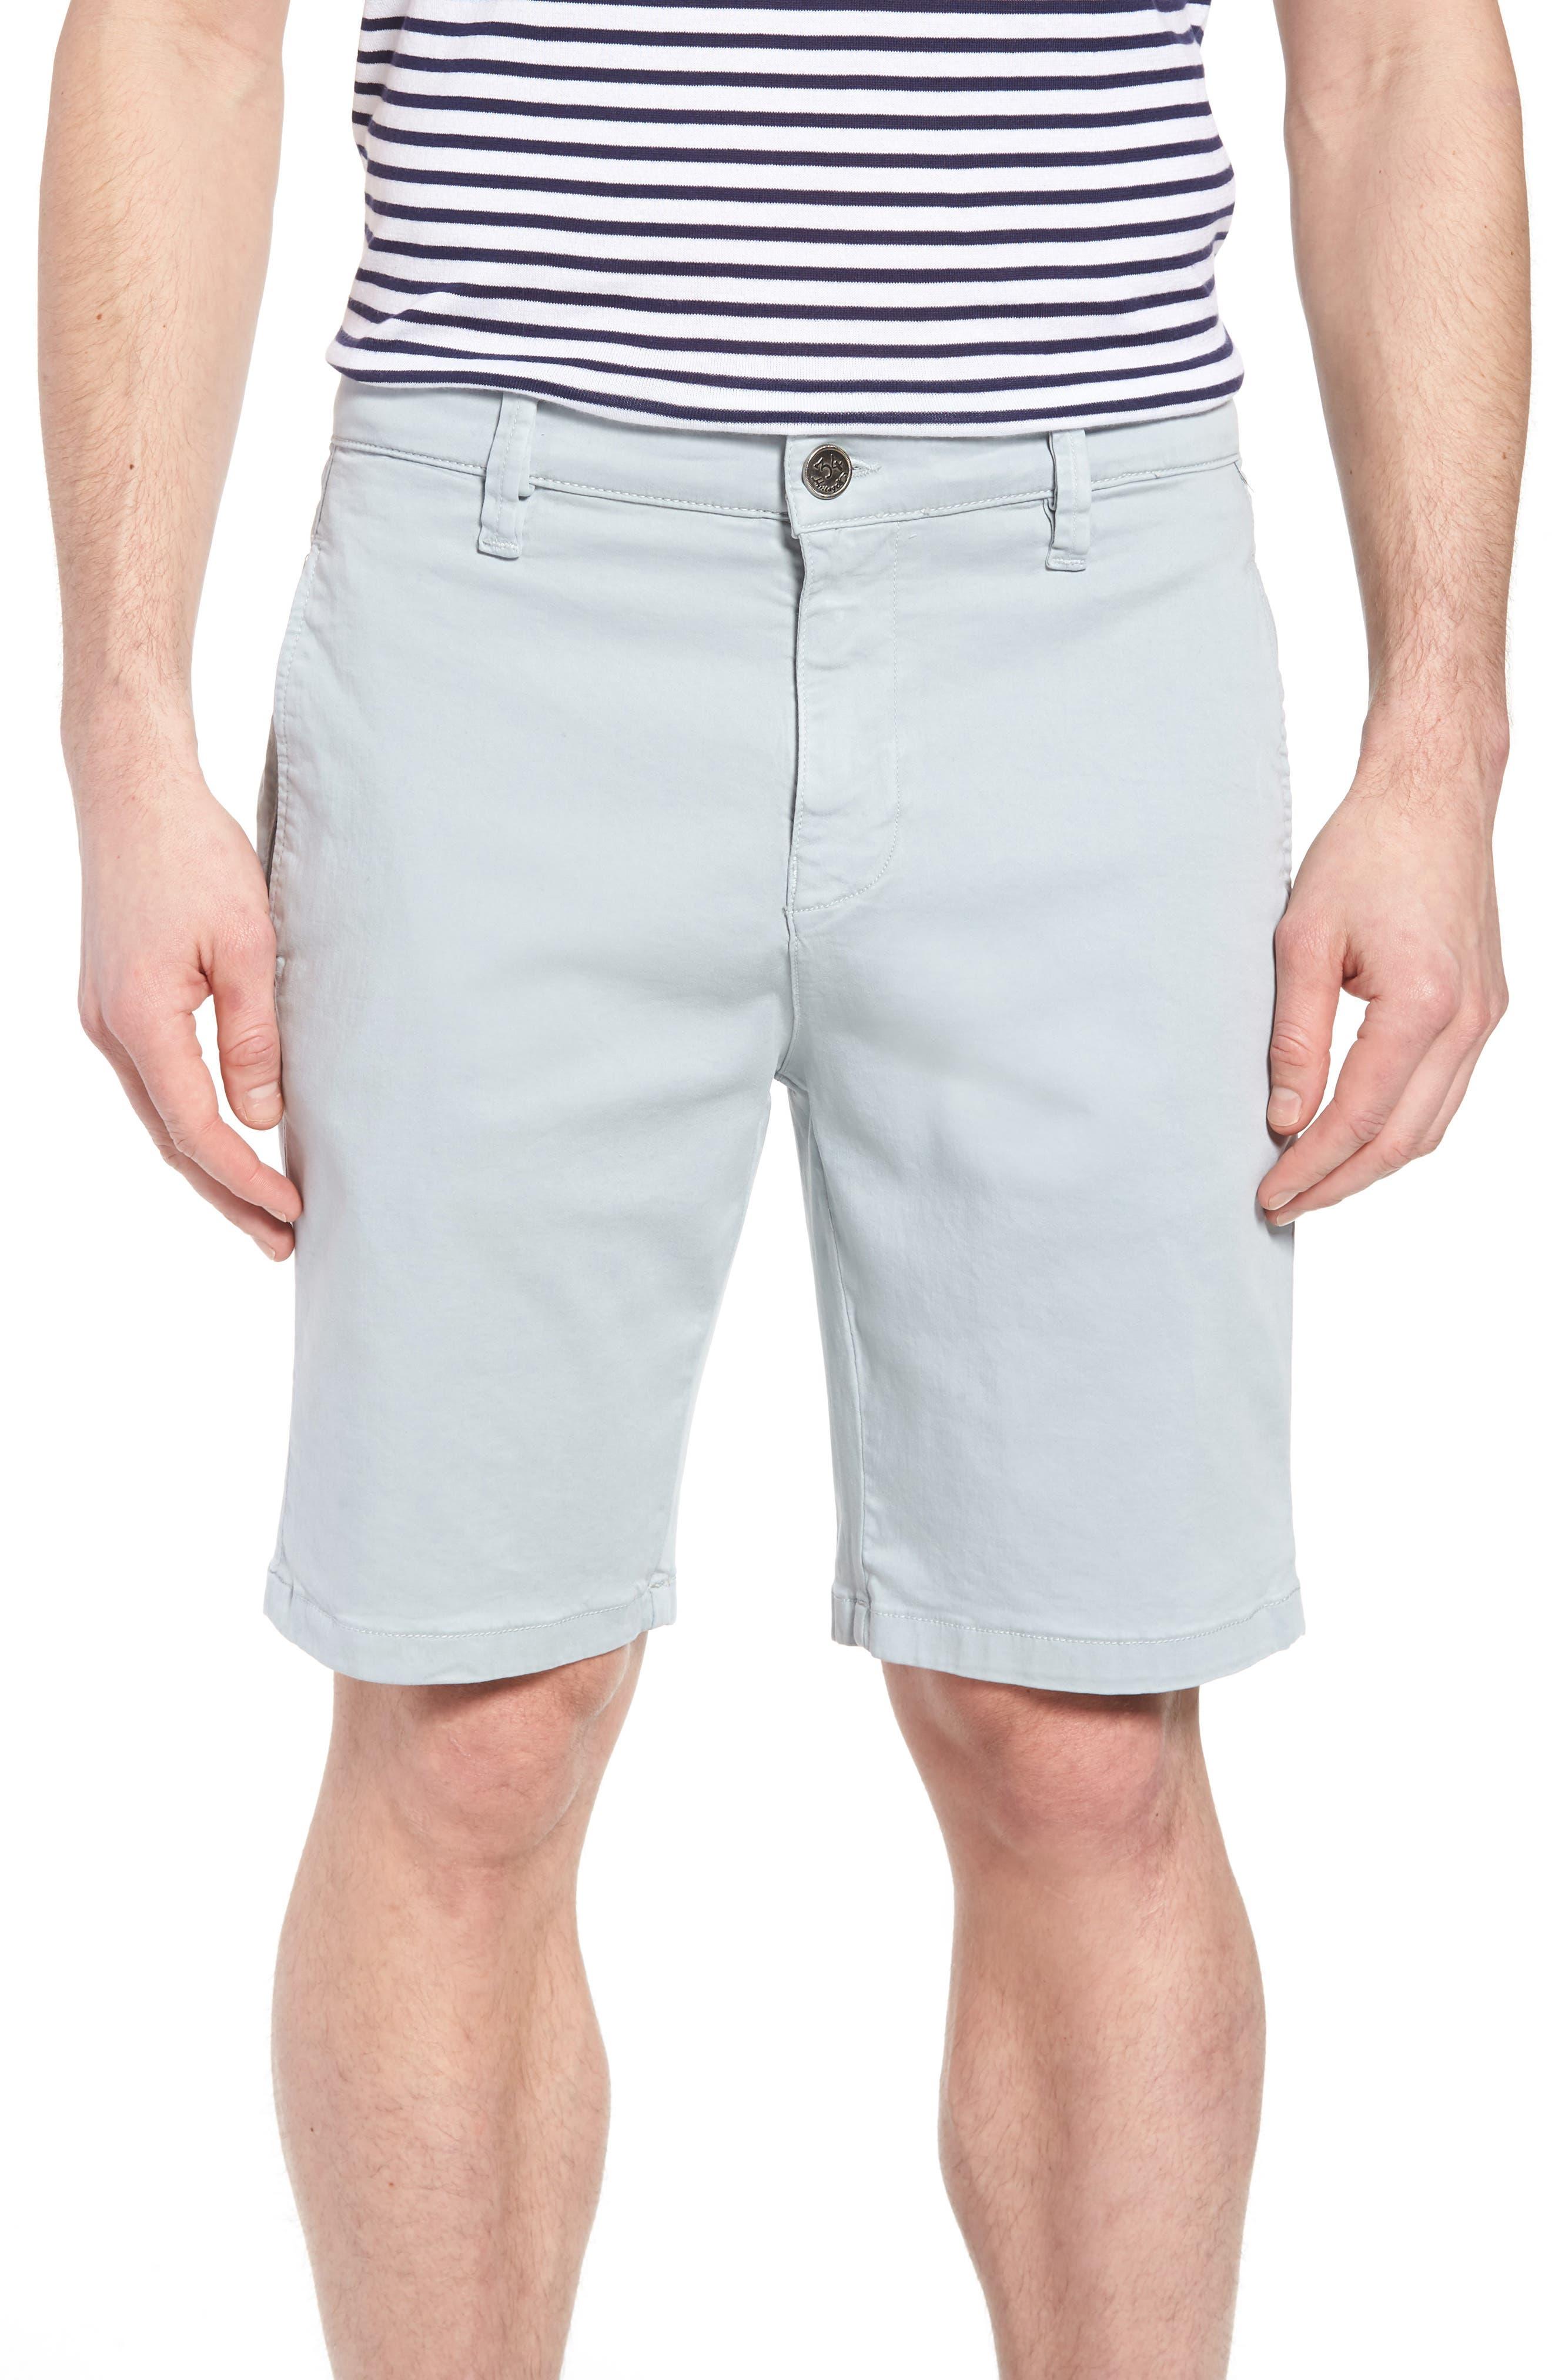 Nevada Twill Shorts,                         Main,                         color, ICE TWILL